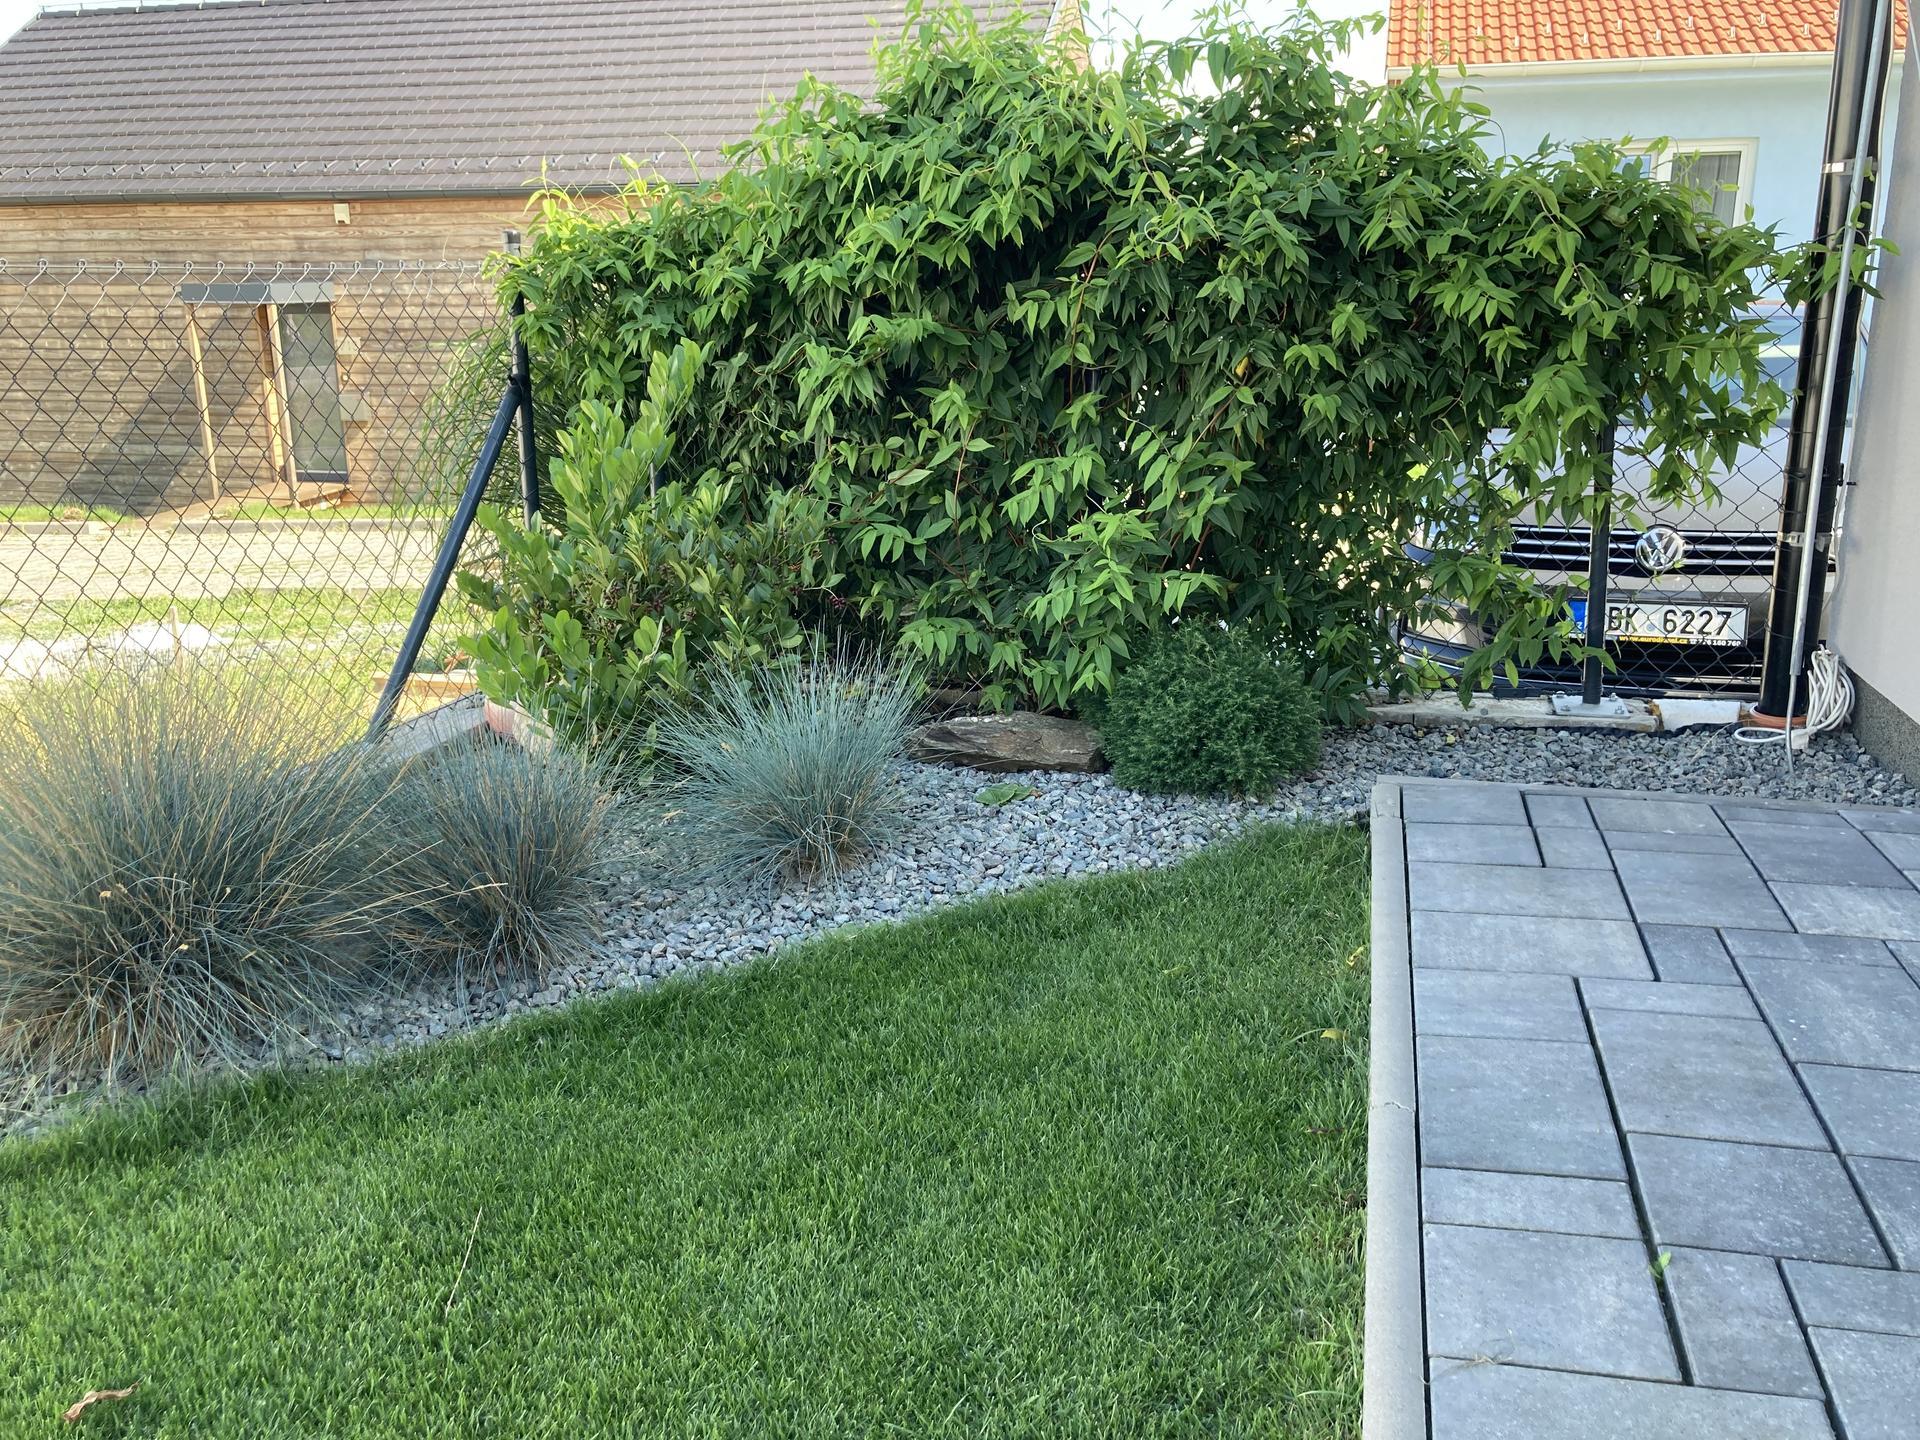 Naše 3 roky stará zahrada 🤩 - Obrázek č. 12